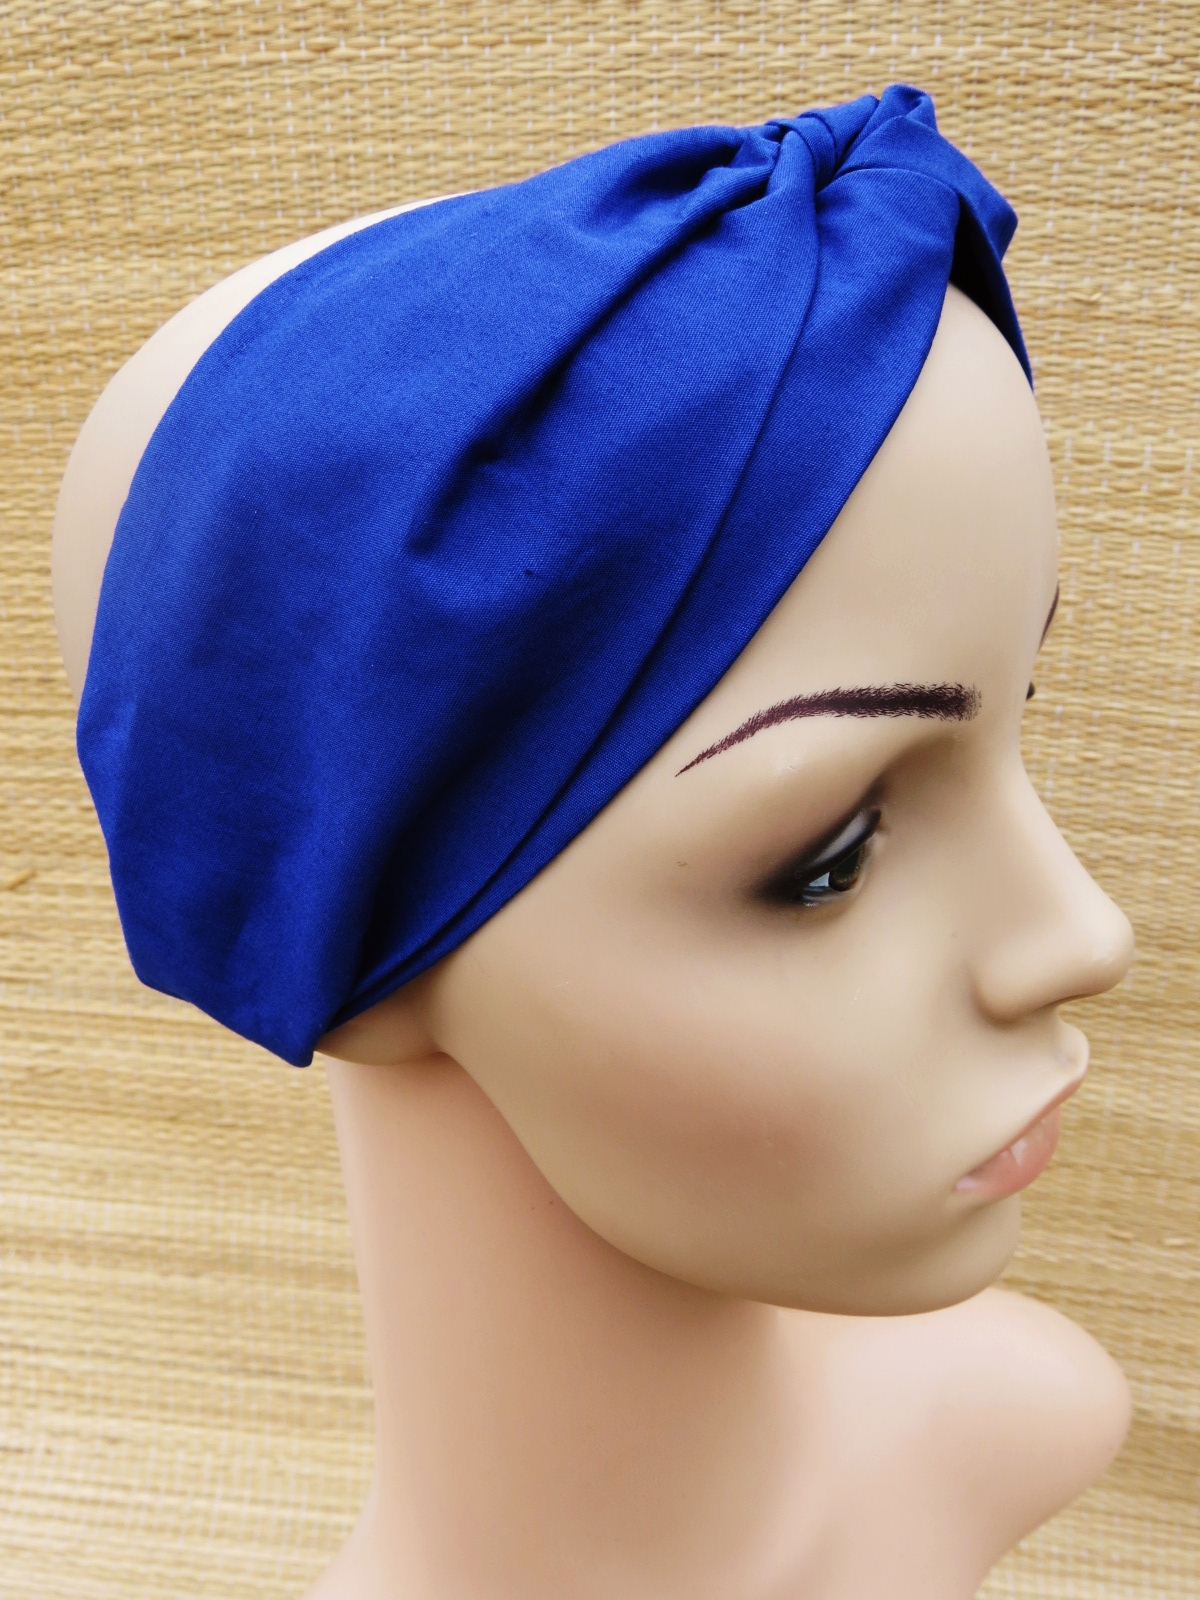 Faixa Turbante  Lisa - Azul Marinho Bic no Elo7  0ad8625a686